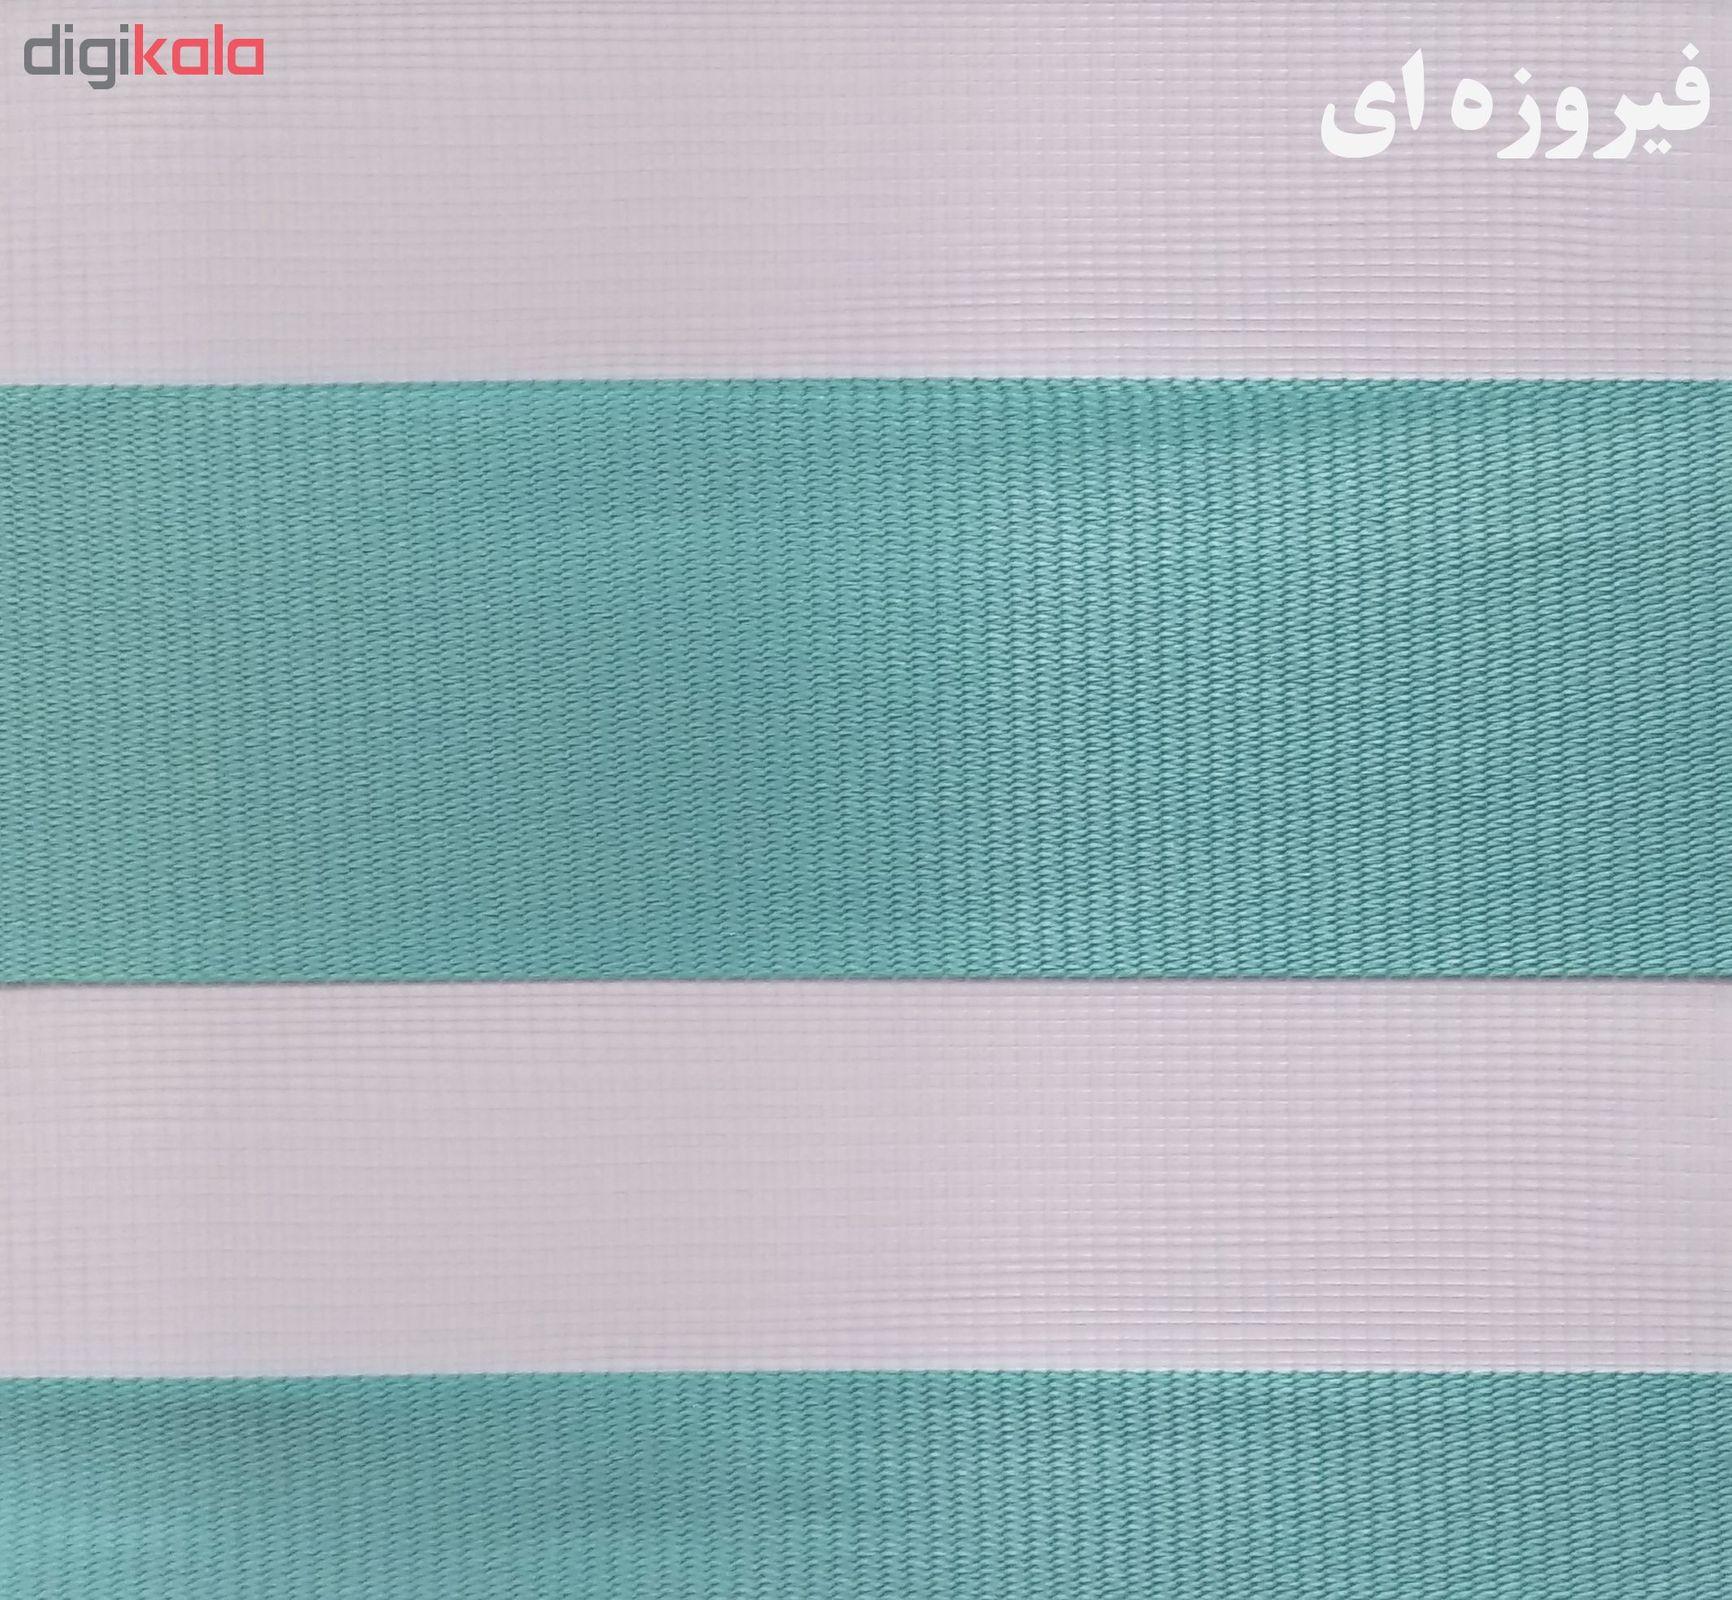 پرده زبرا زیو کد 1999 سایز 180 × 160 سانتی متر main 1 6